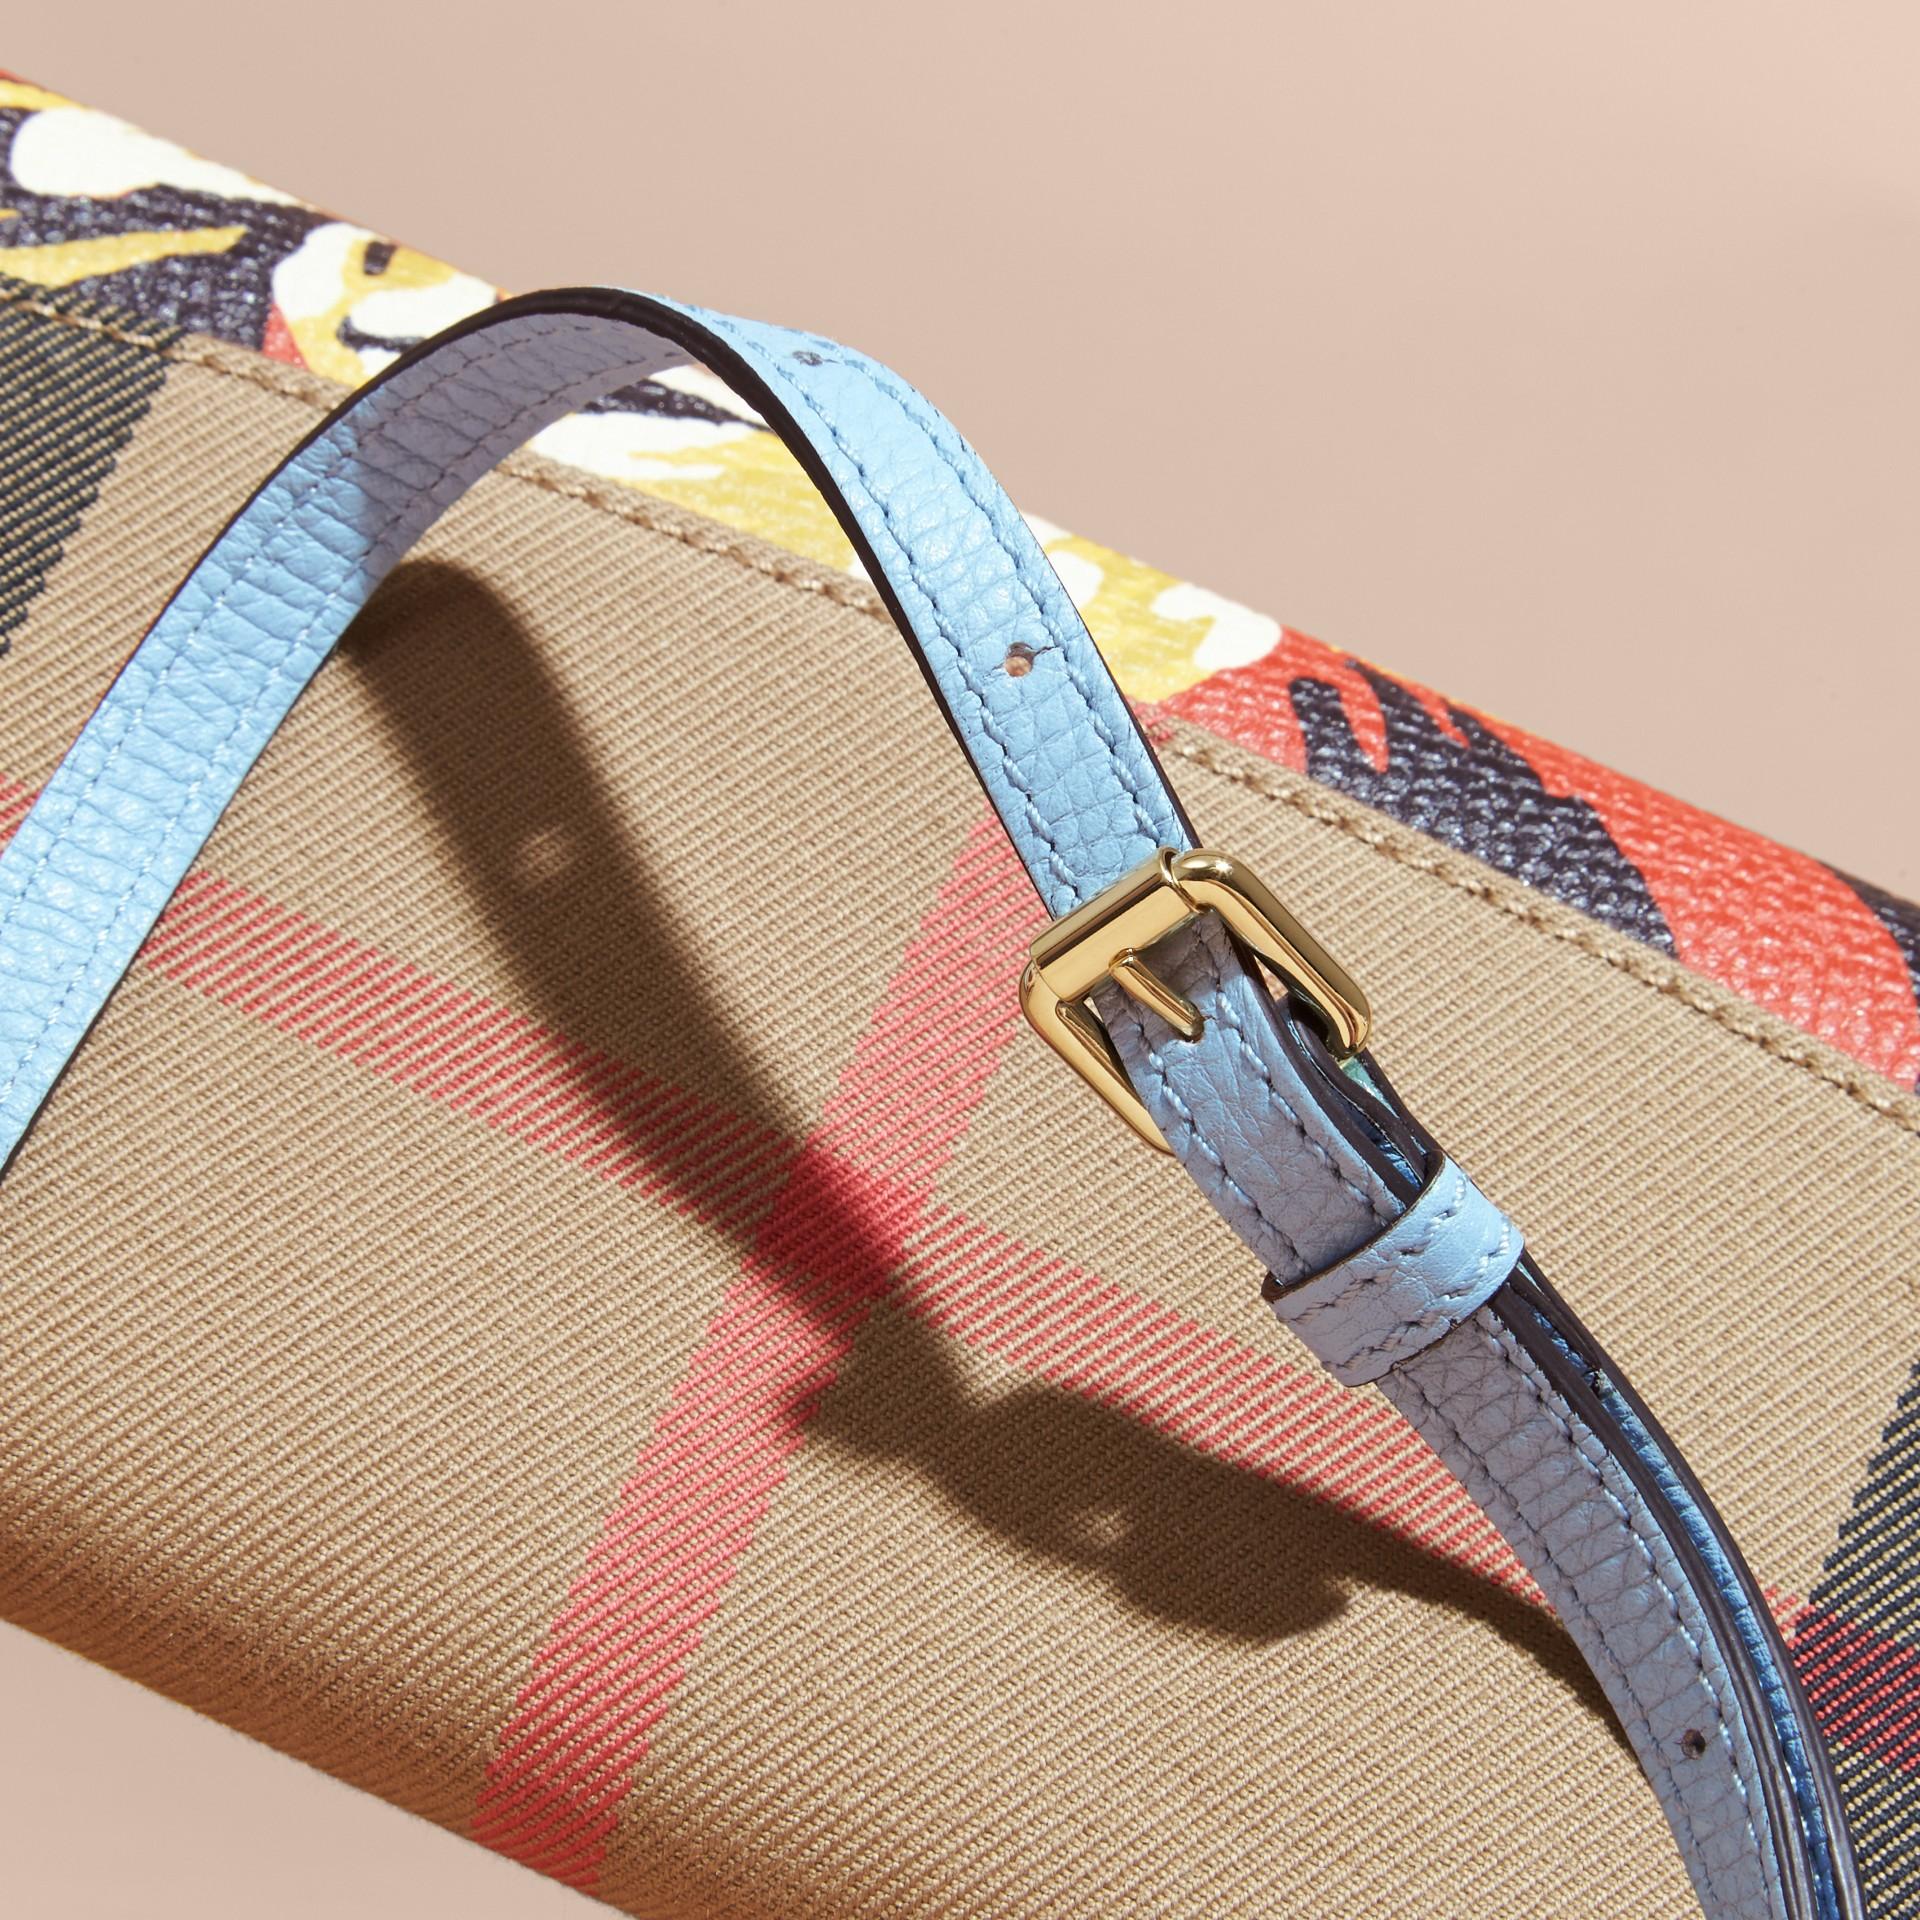 Hellblau/leuchtendes orange Brieftasche aus House Check-Gewebe mit Pfingstrosenmotiv und Kettendetail Hellblau/leuchtendes Orange - Galerie-Bild 2